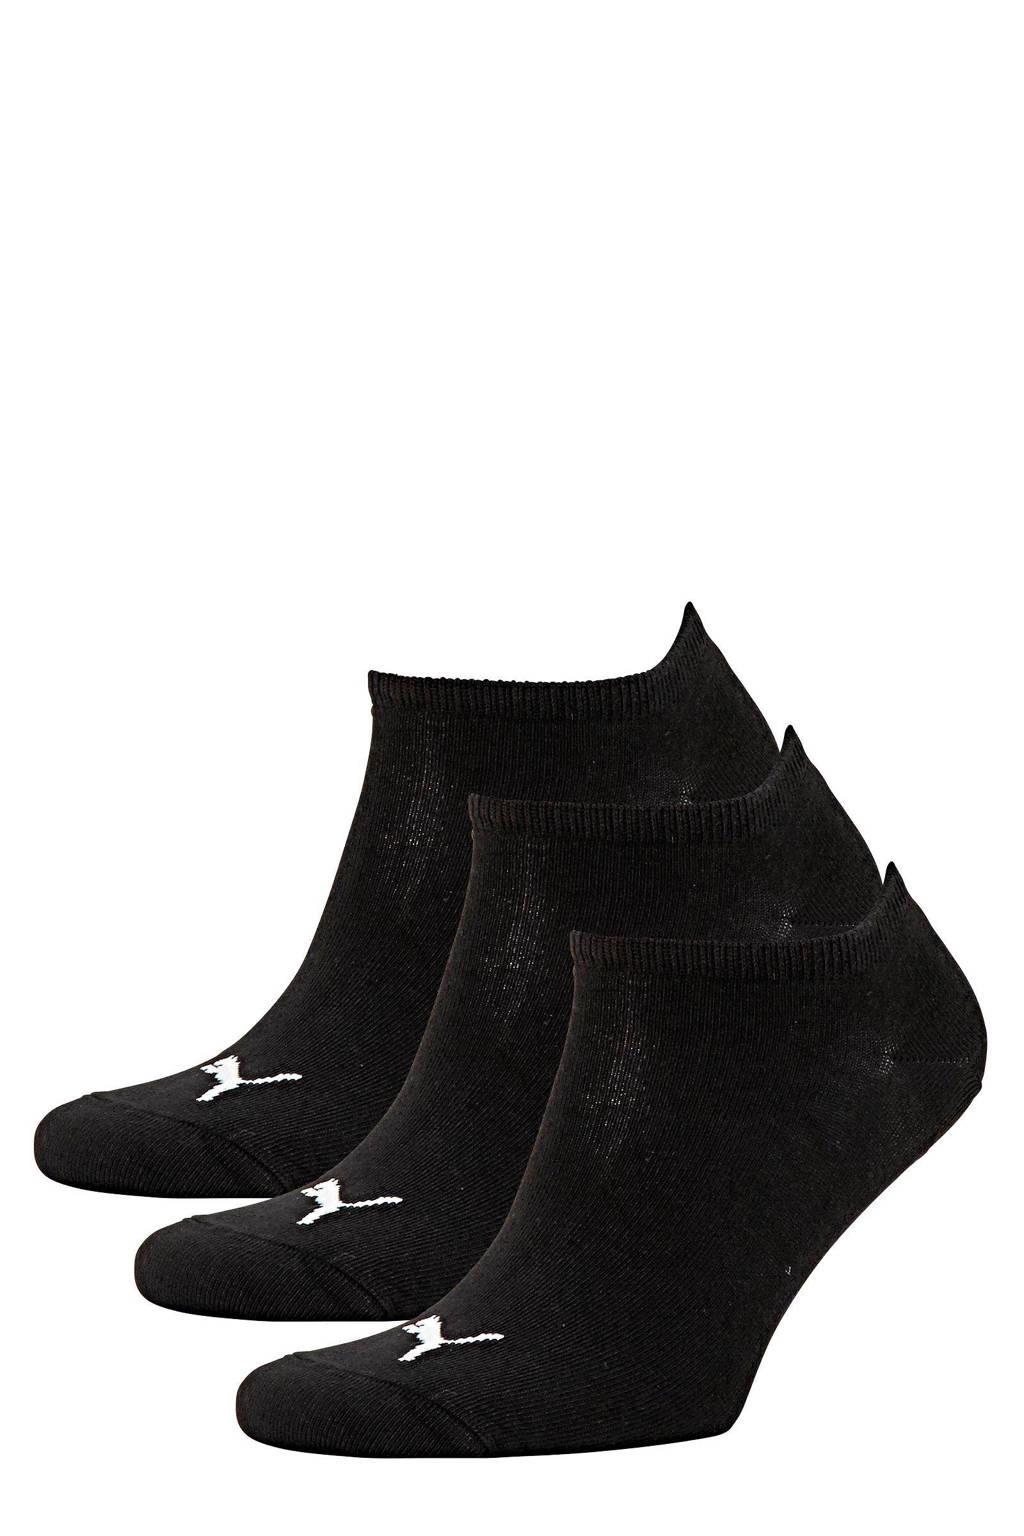 Puma sneakersokken (set van 3), Zwart